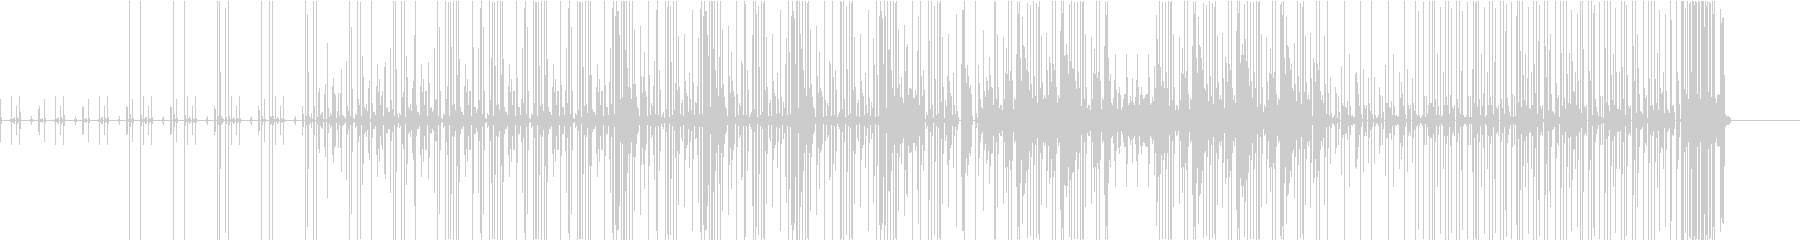 KANTボイスパーカッションBGMの未再生の波形